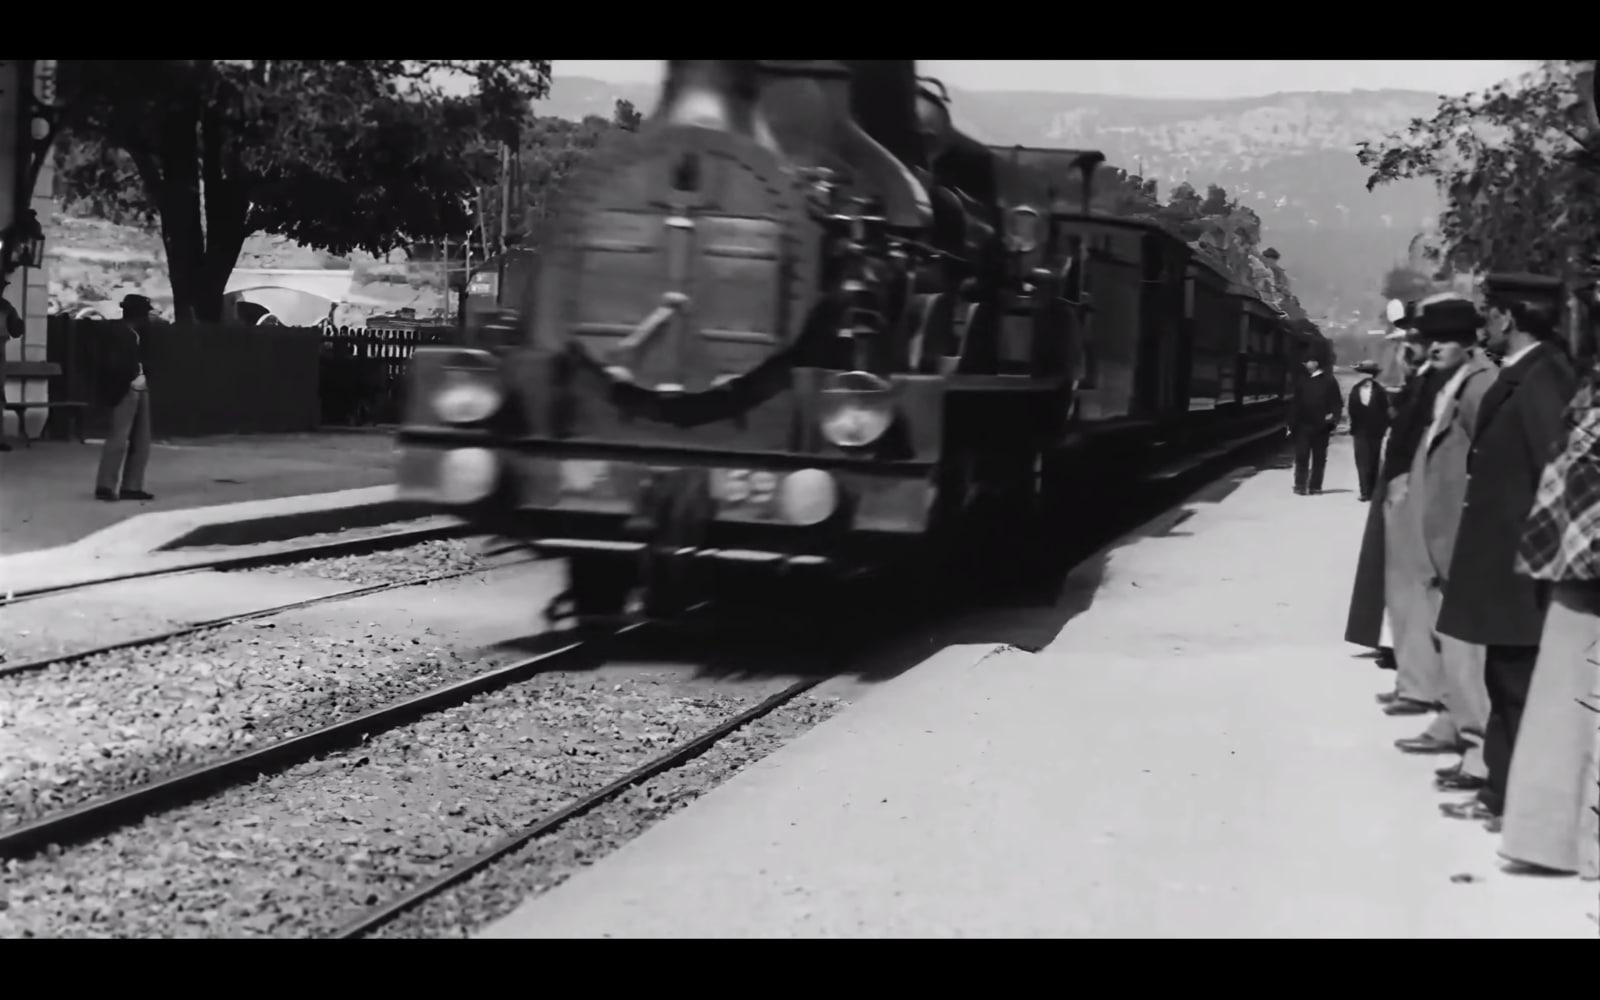 """Đoạn phim """"cổ lỗ sĩ"""" quay năm 1896 được nâng độ phân giải lên 4K 60fps nhờ trí tuệ nhân tạo"""